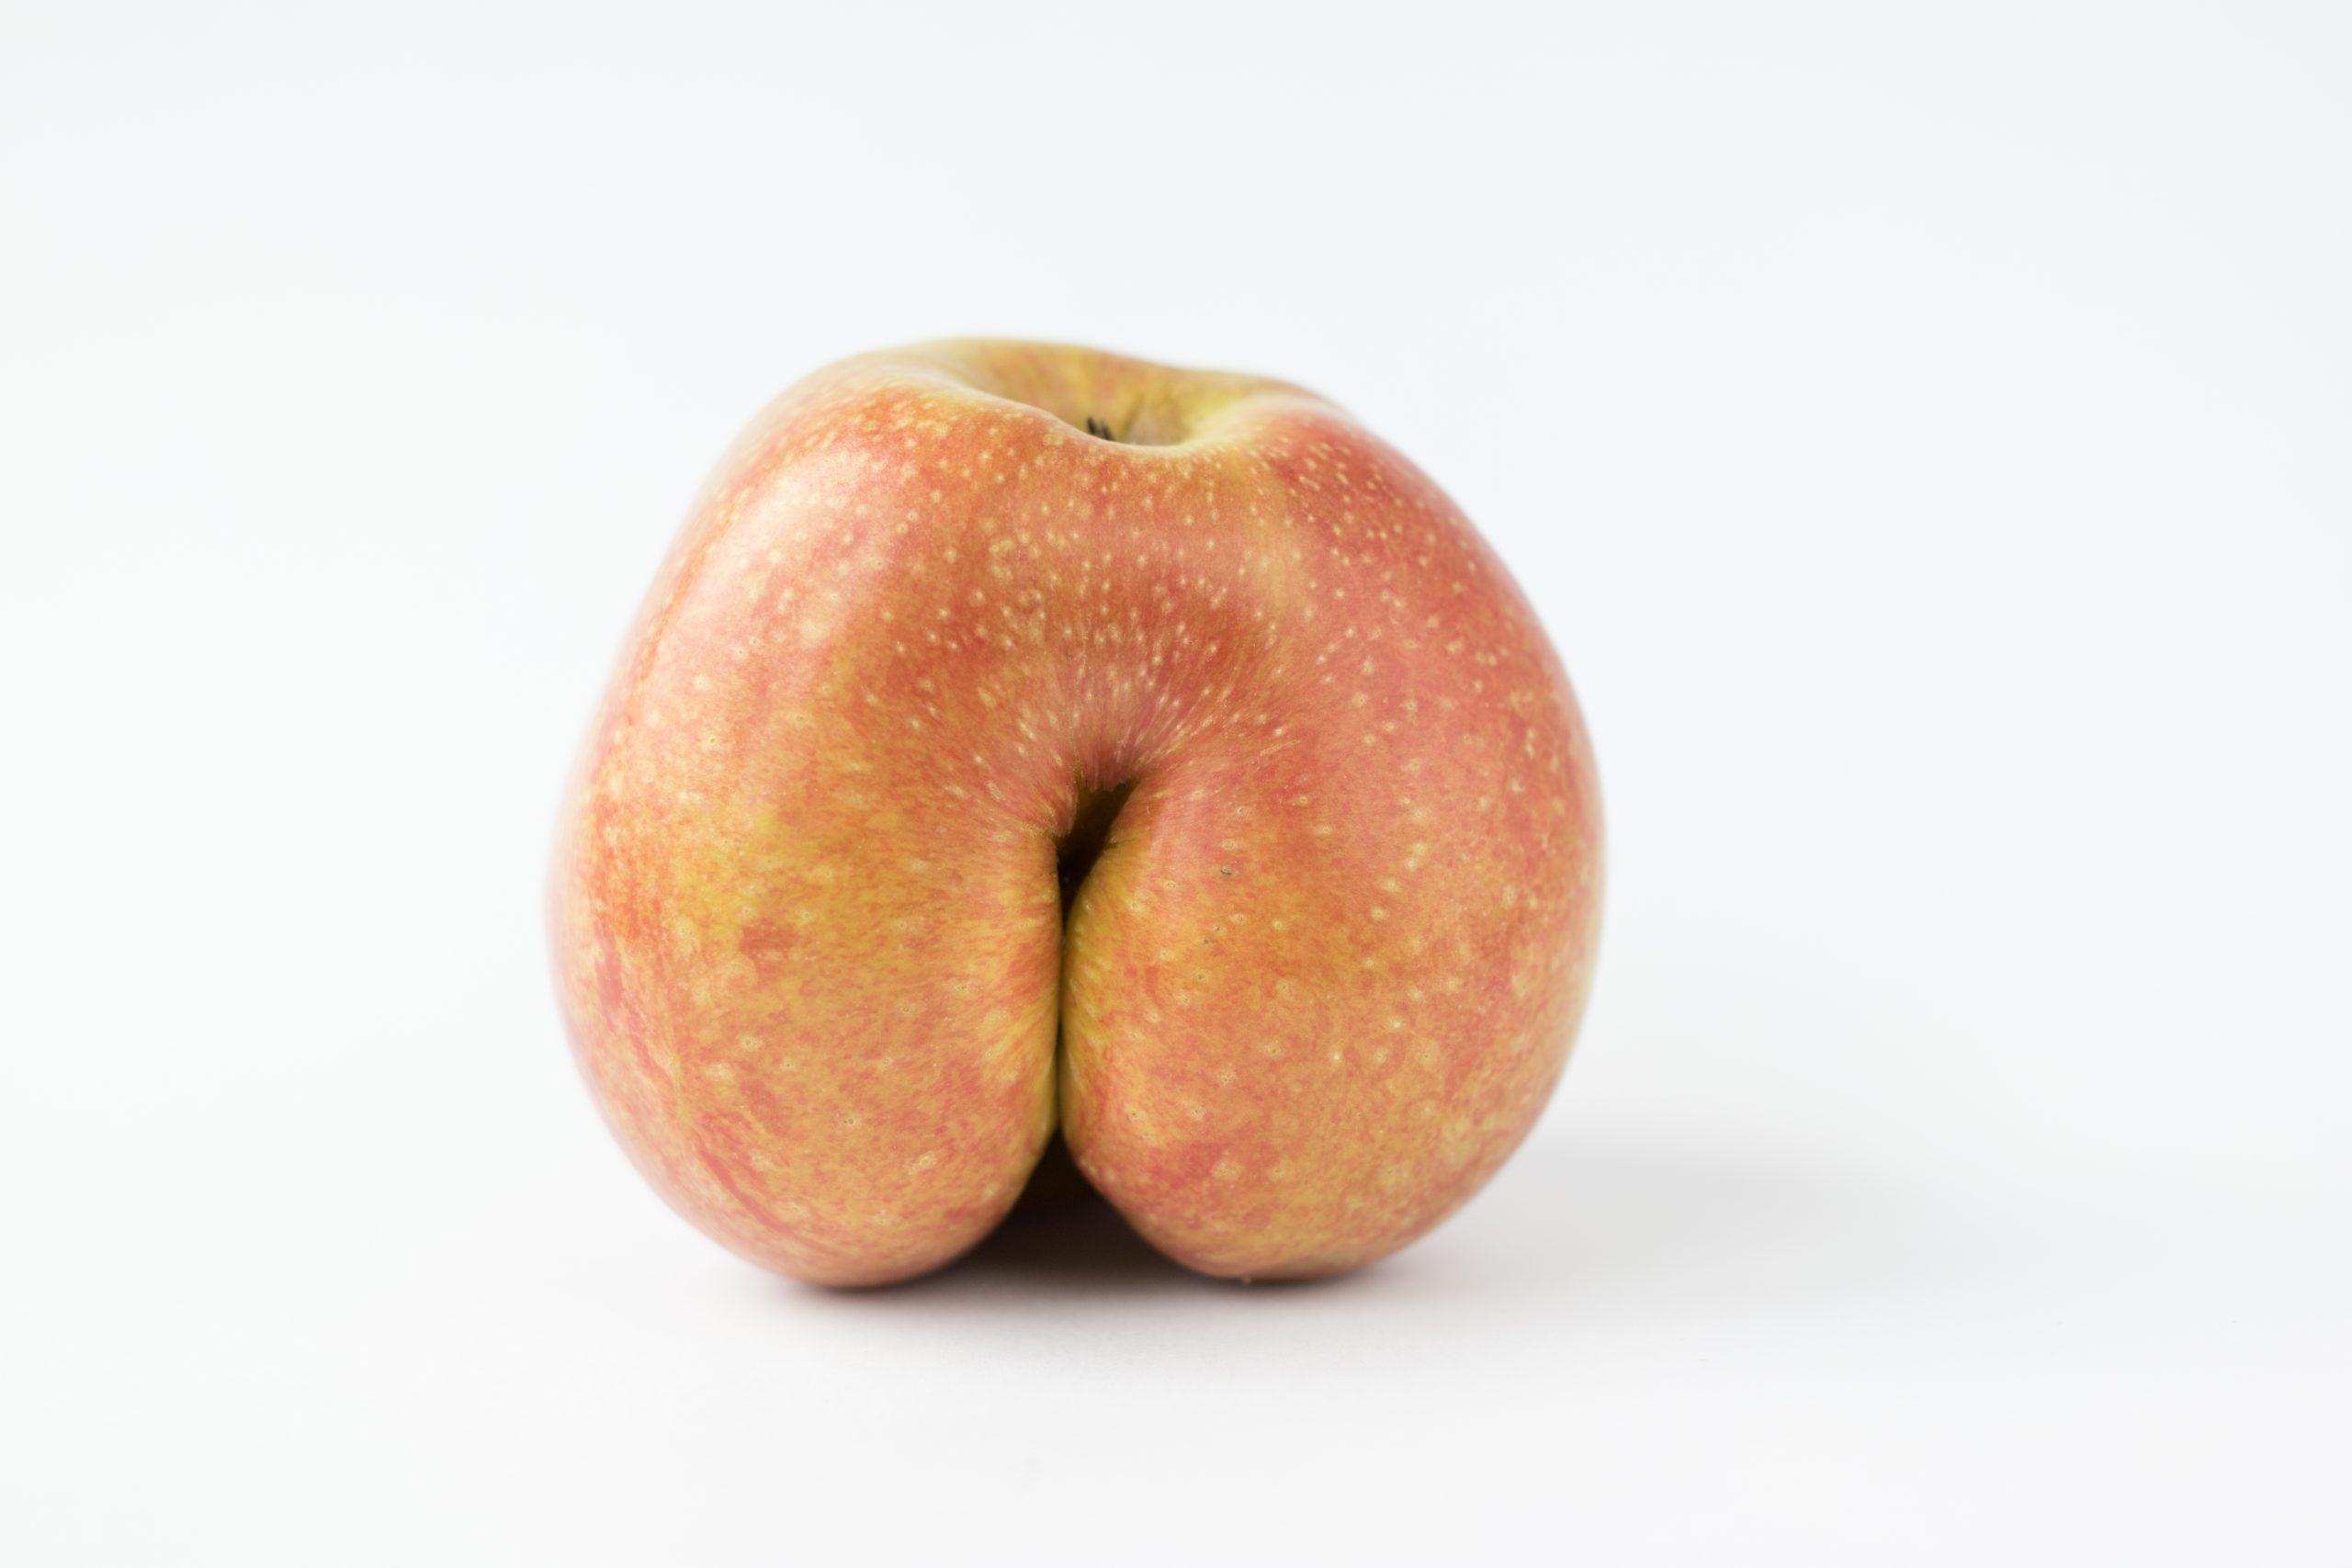 butt-fruits-fun